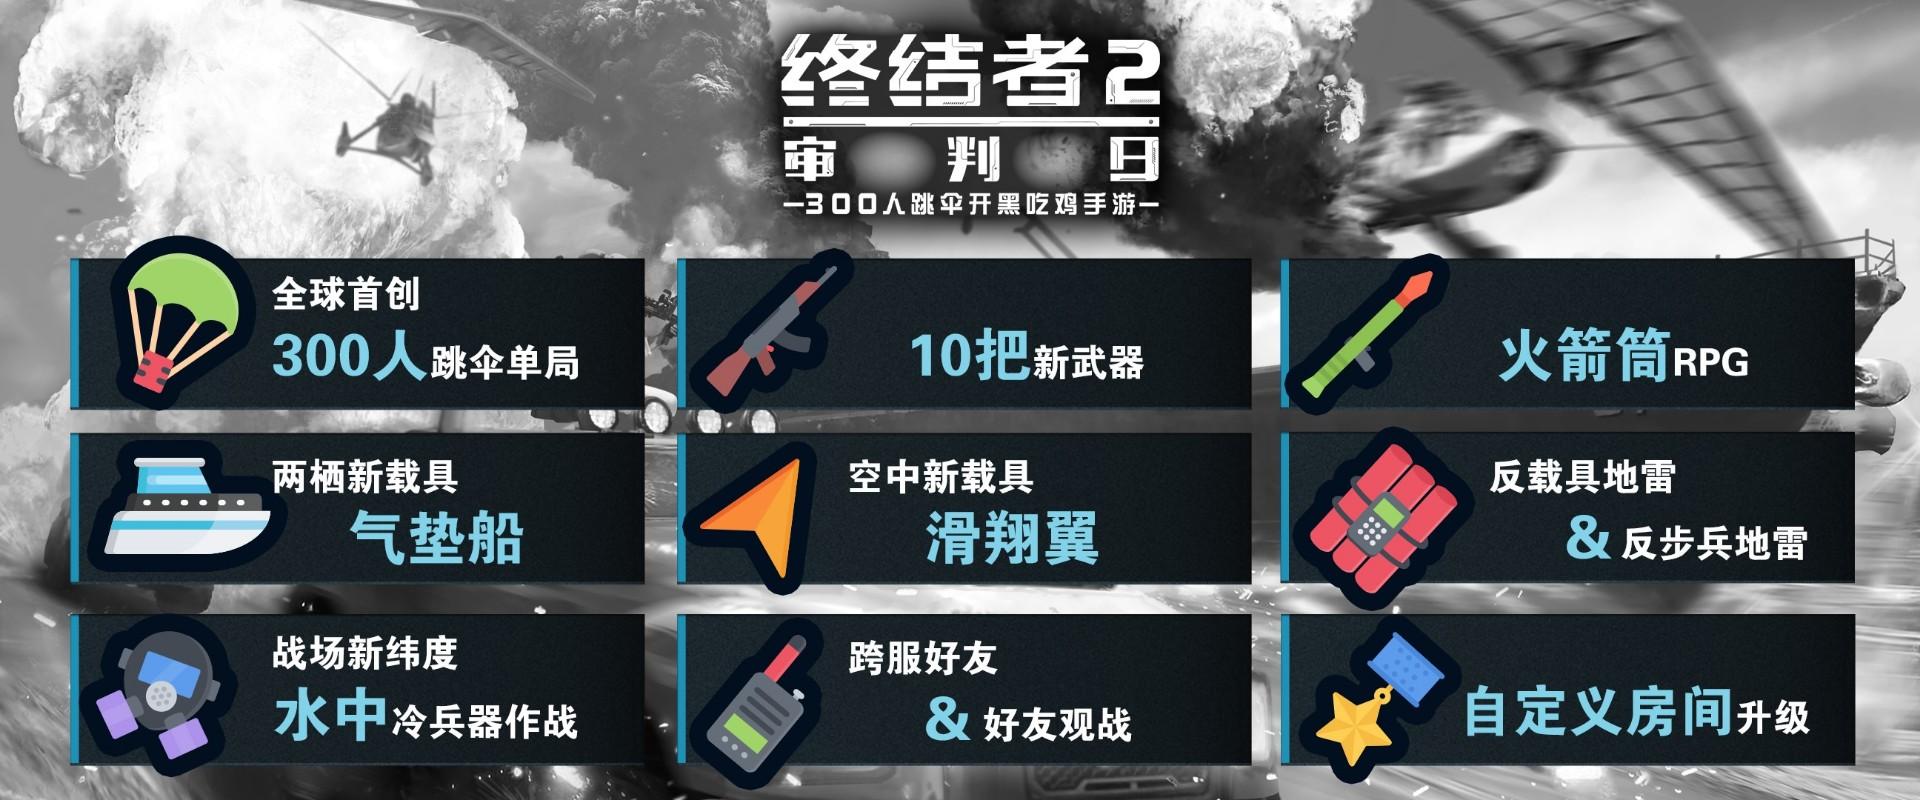 图三:新增海量玩法.jpg